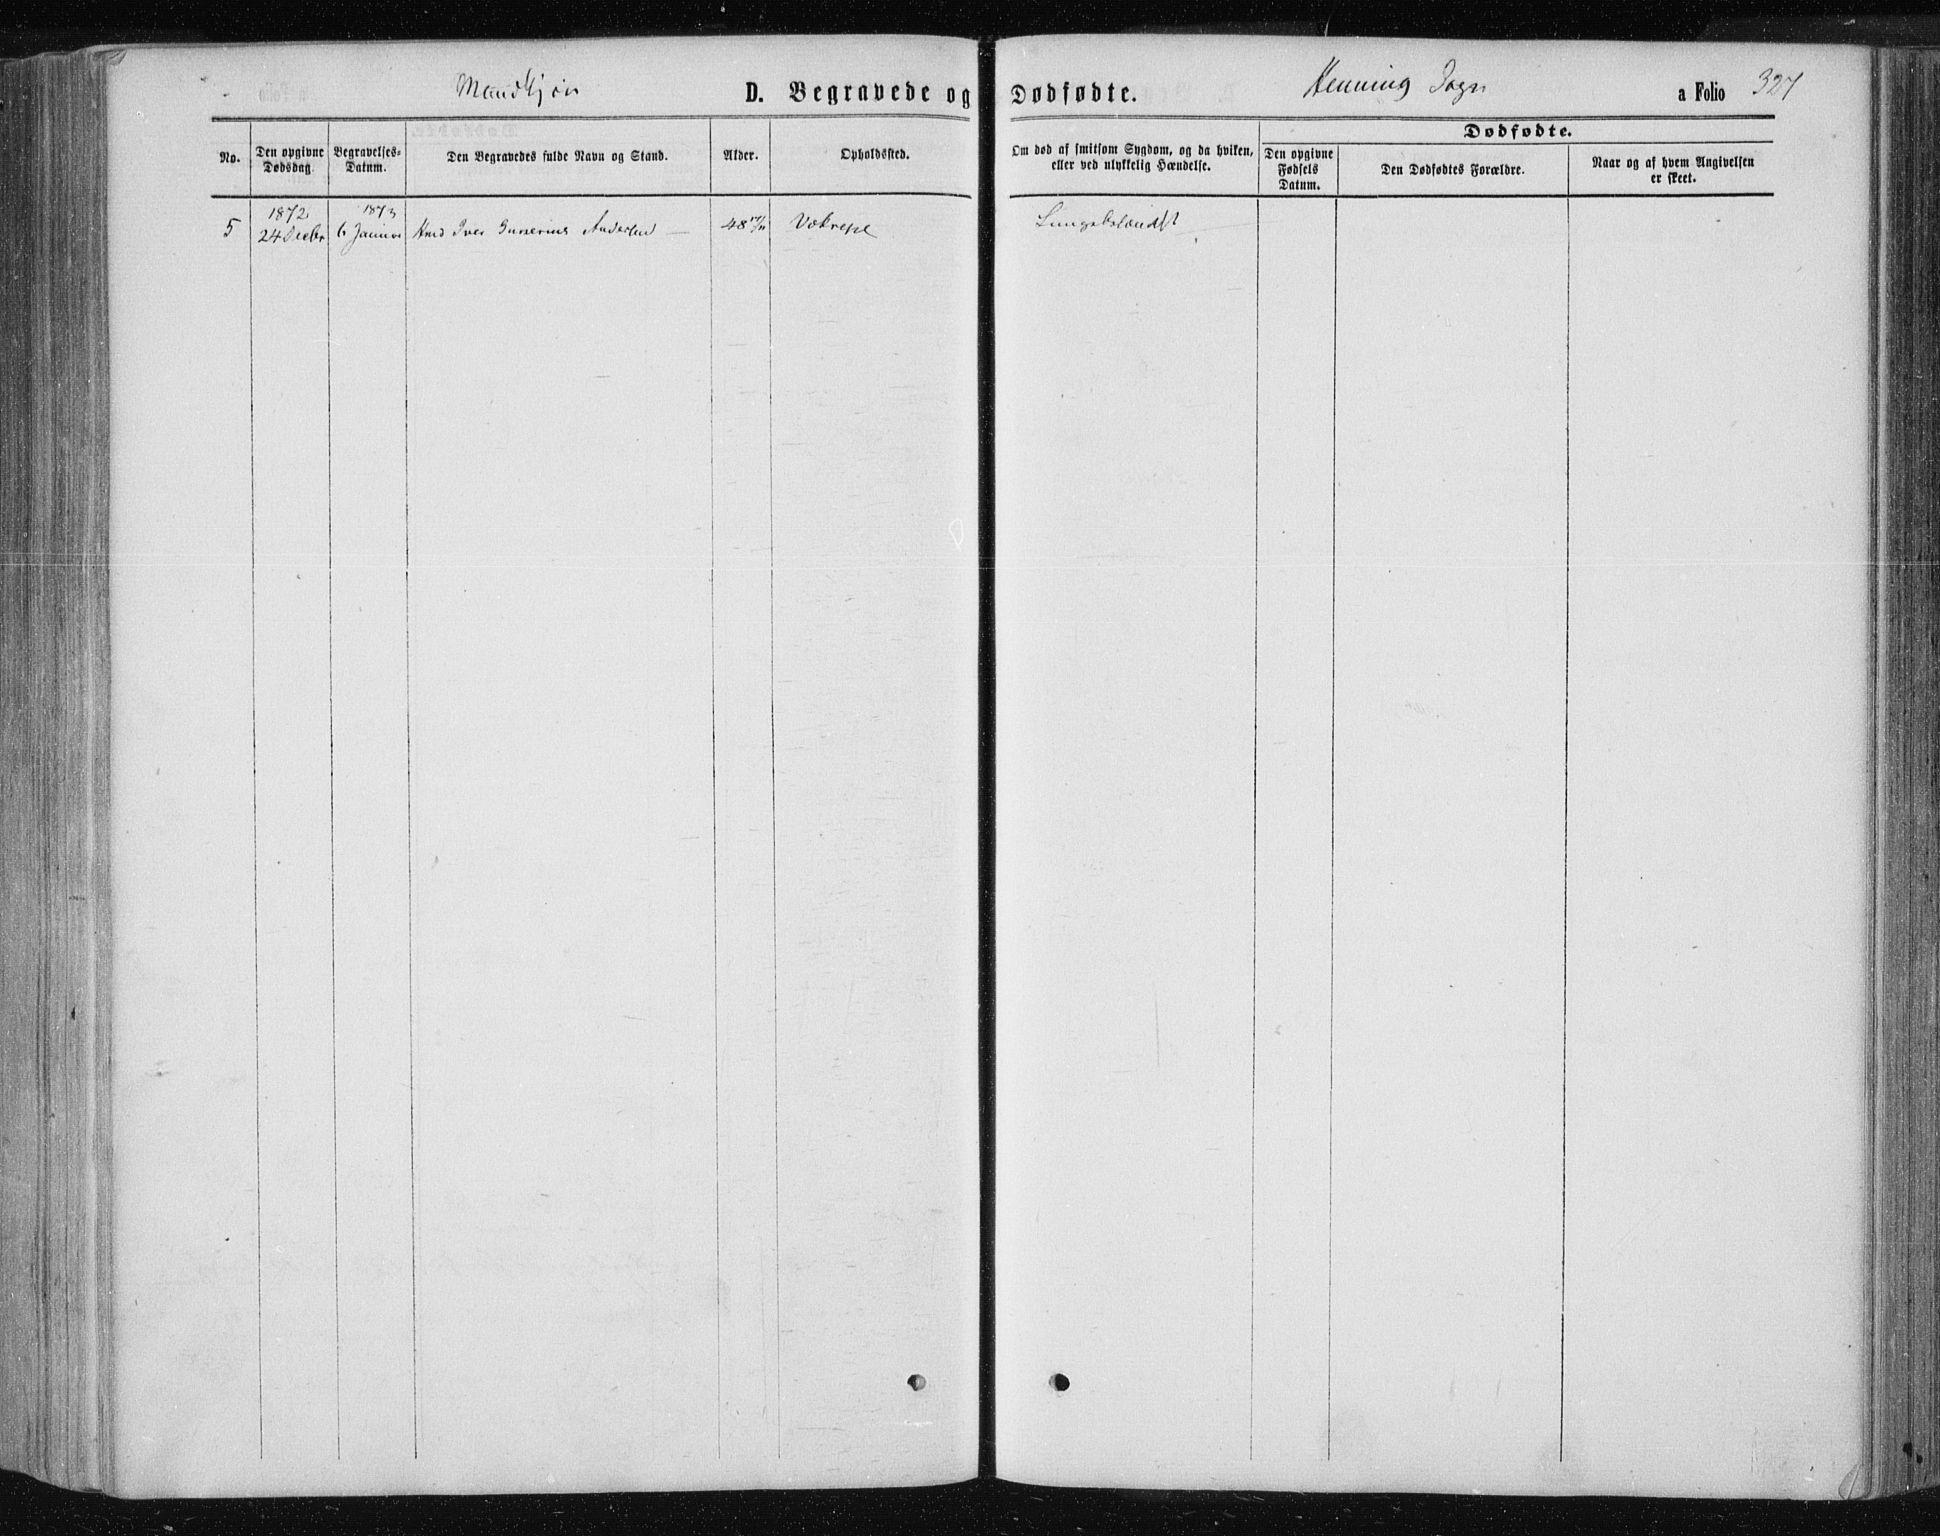 SAT, Ministerialprotokoller, klokkerbøker og fødselsregistre - Nord-Trøndelag, 735/L0345: Ministerialbok nr. 735A08 /3, 1863-1872, s. 327